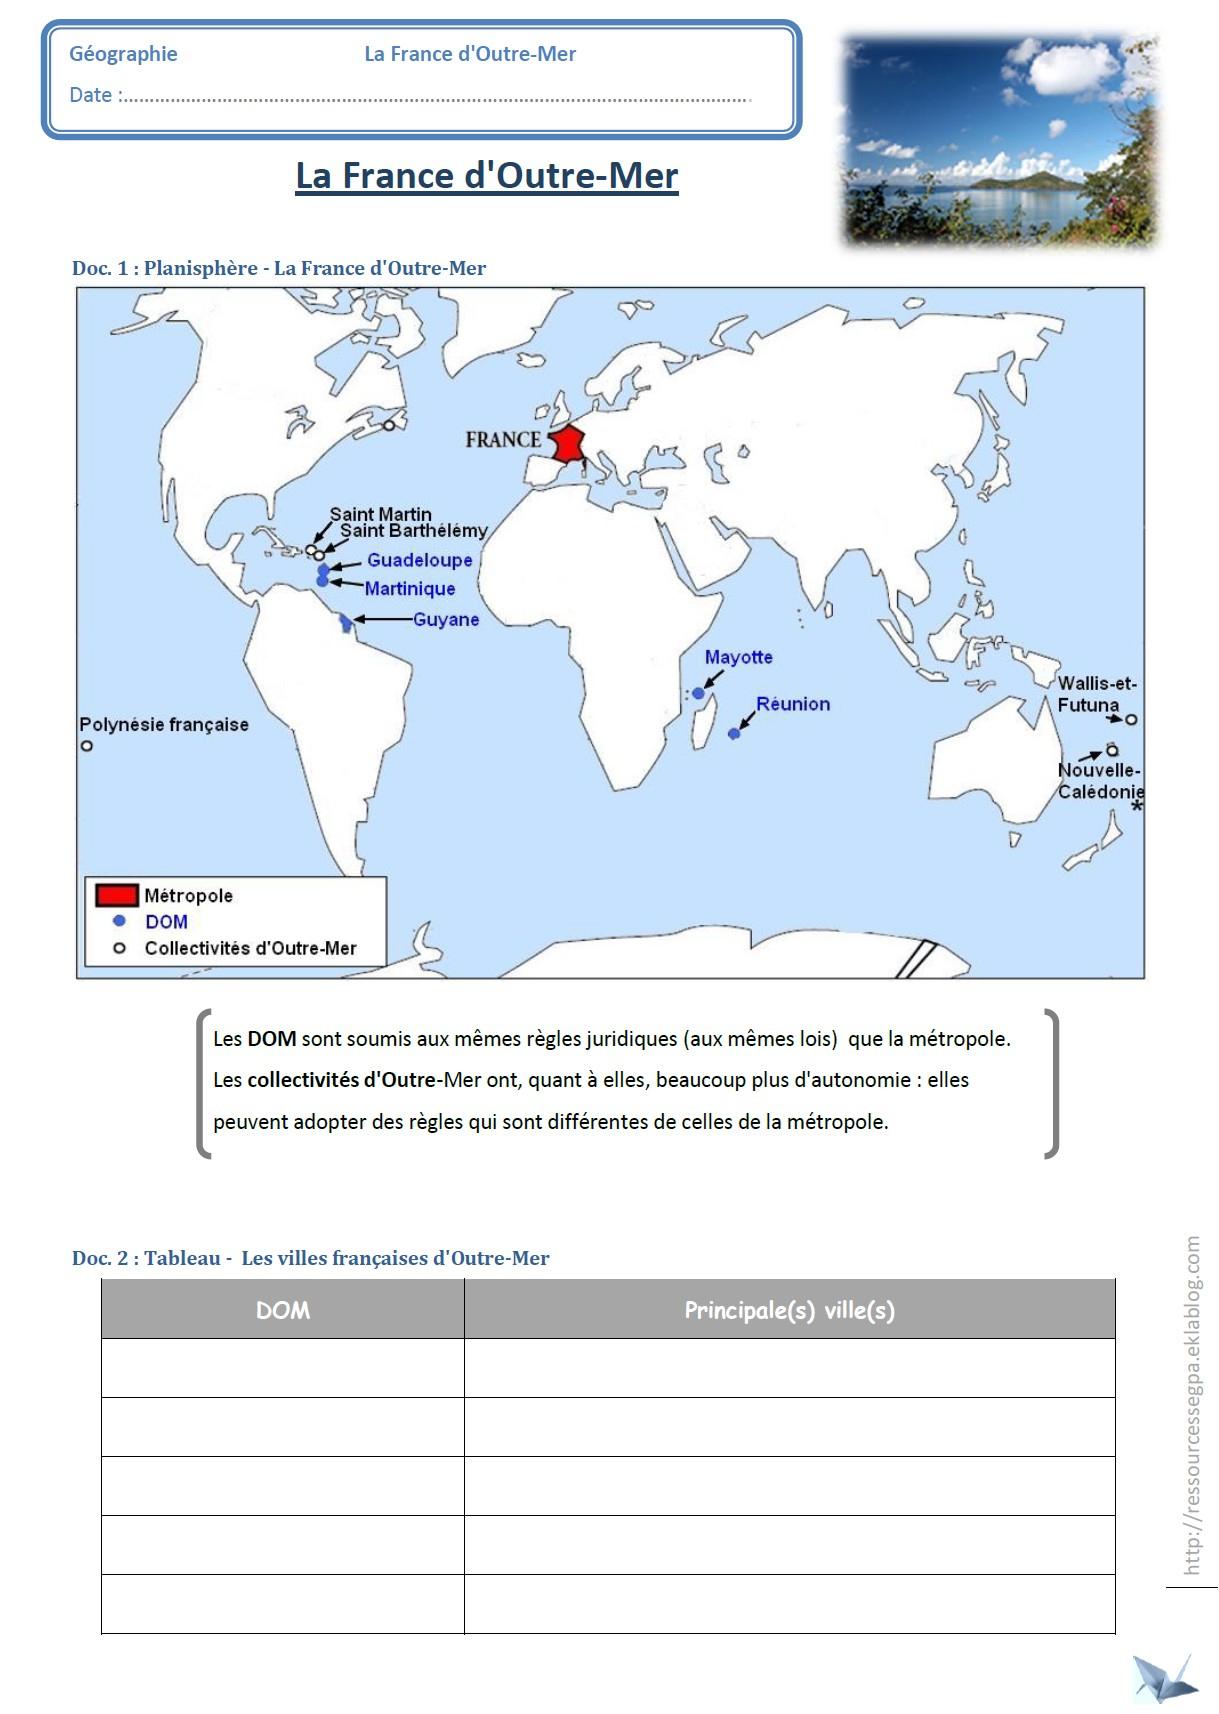 La France D'outre-Mer - Ressources Pour Les Segpa dedans Carte France D Outre Mer